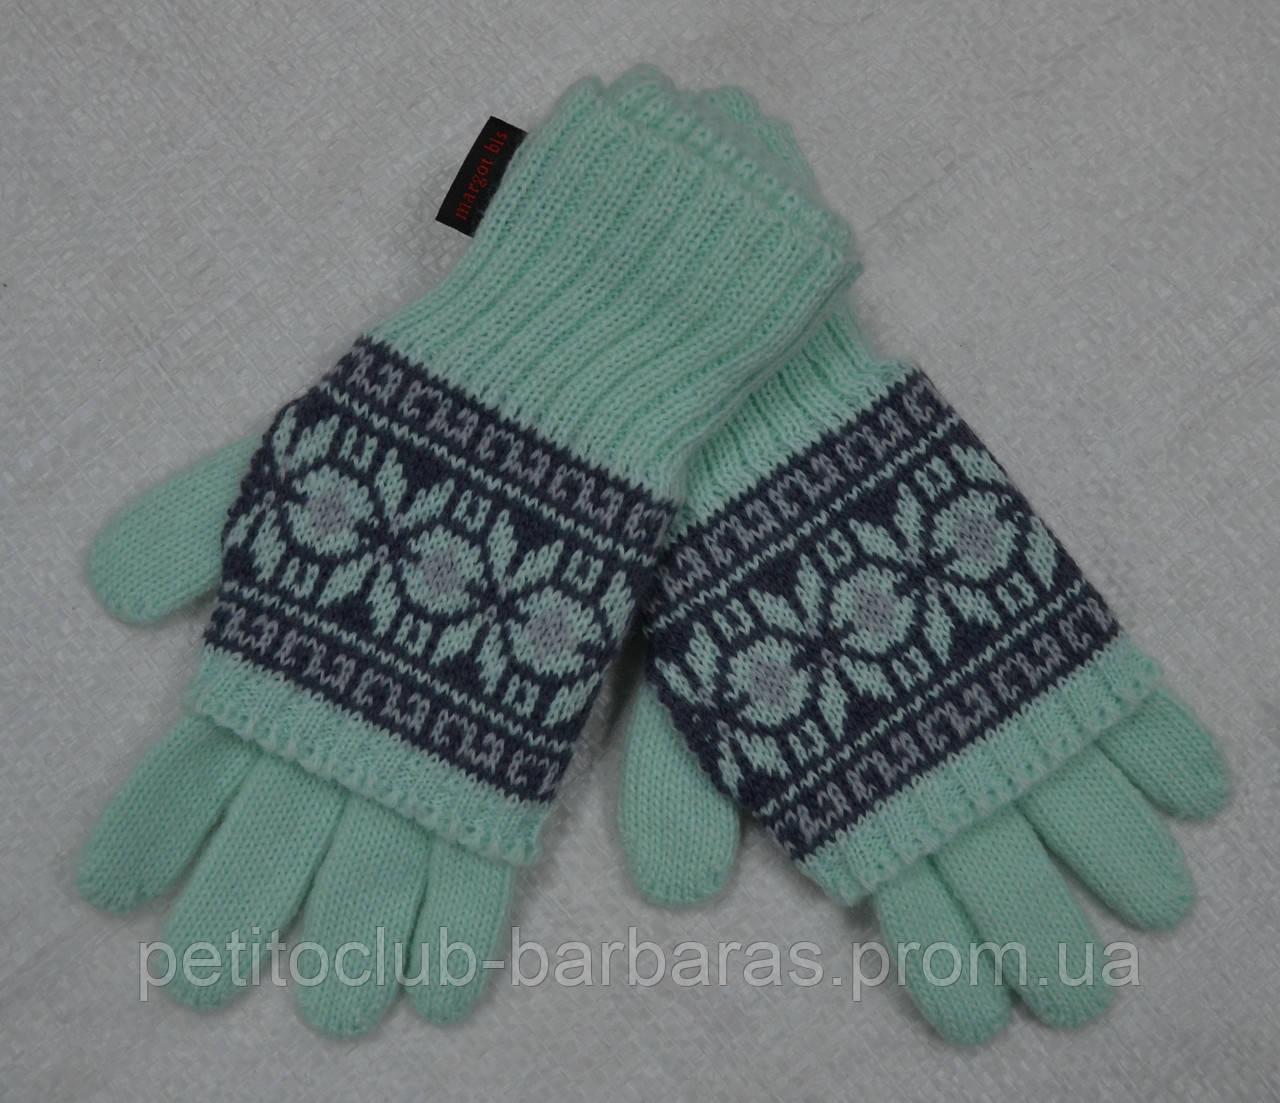 Перчатки с митенками Alina для девочки мята (MargotBis, Польша)